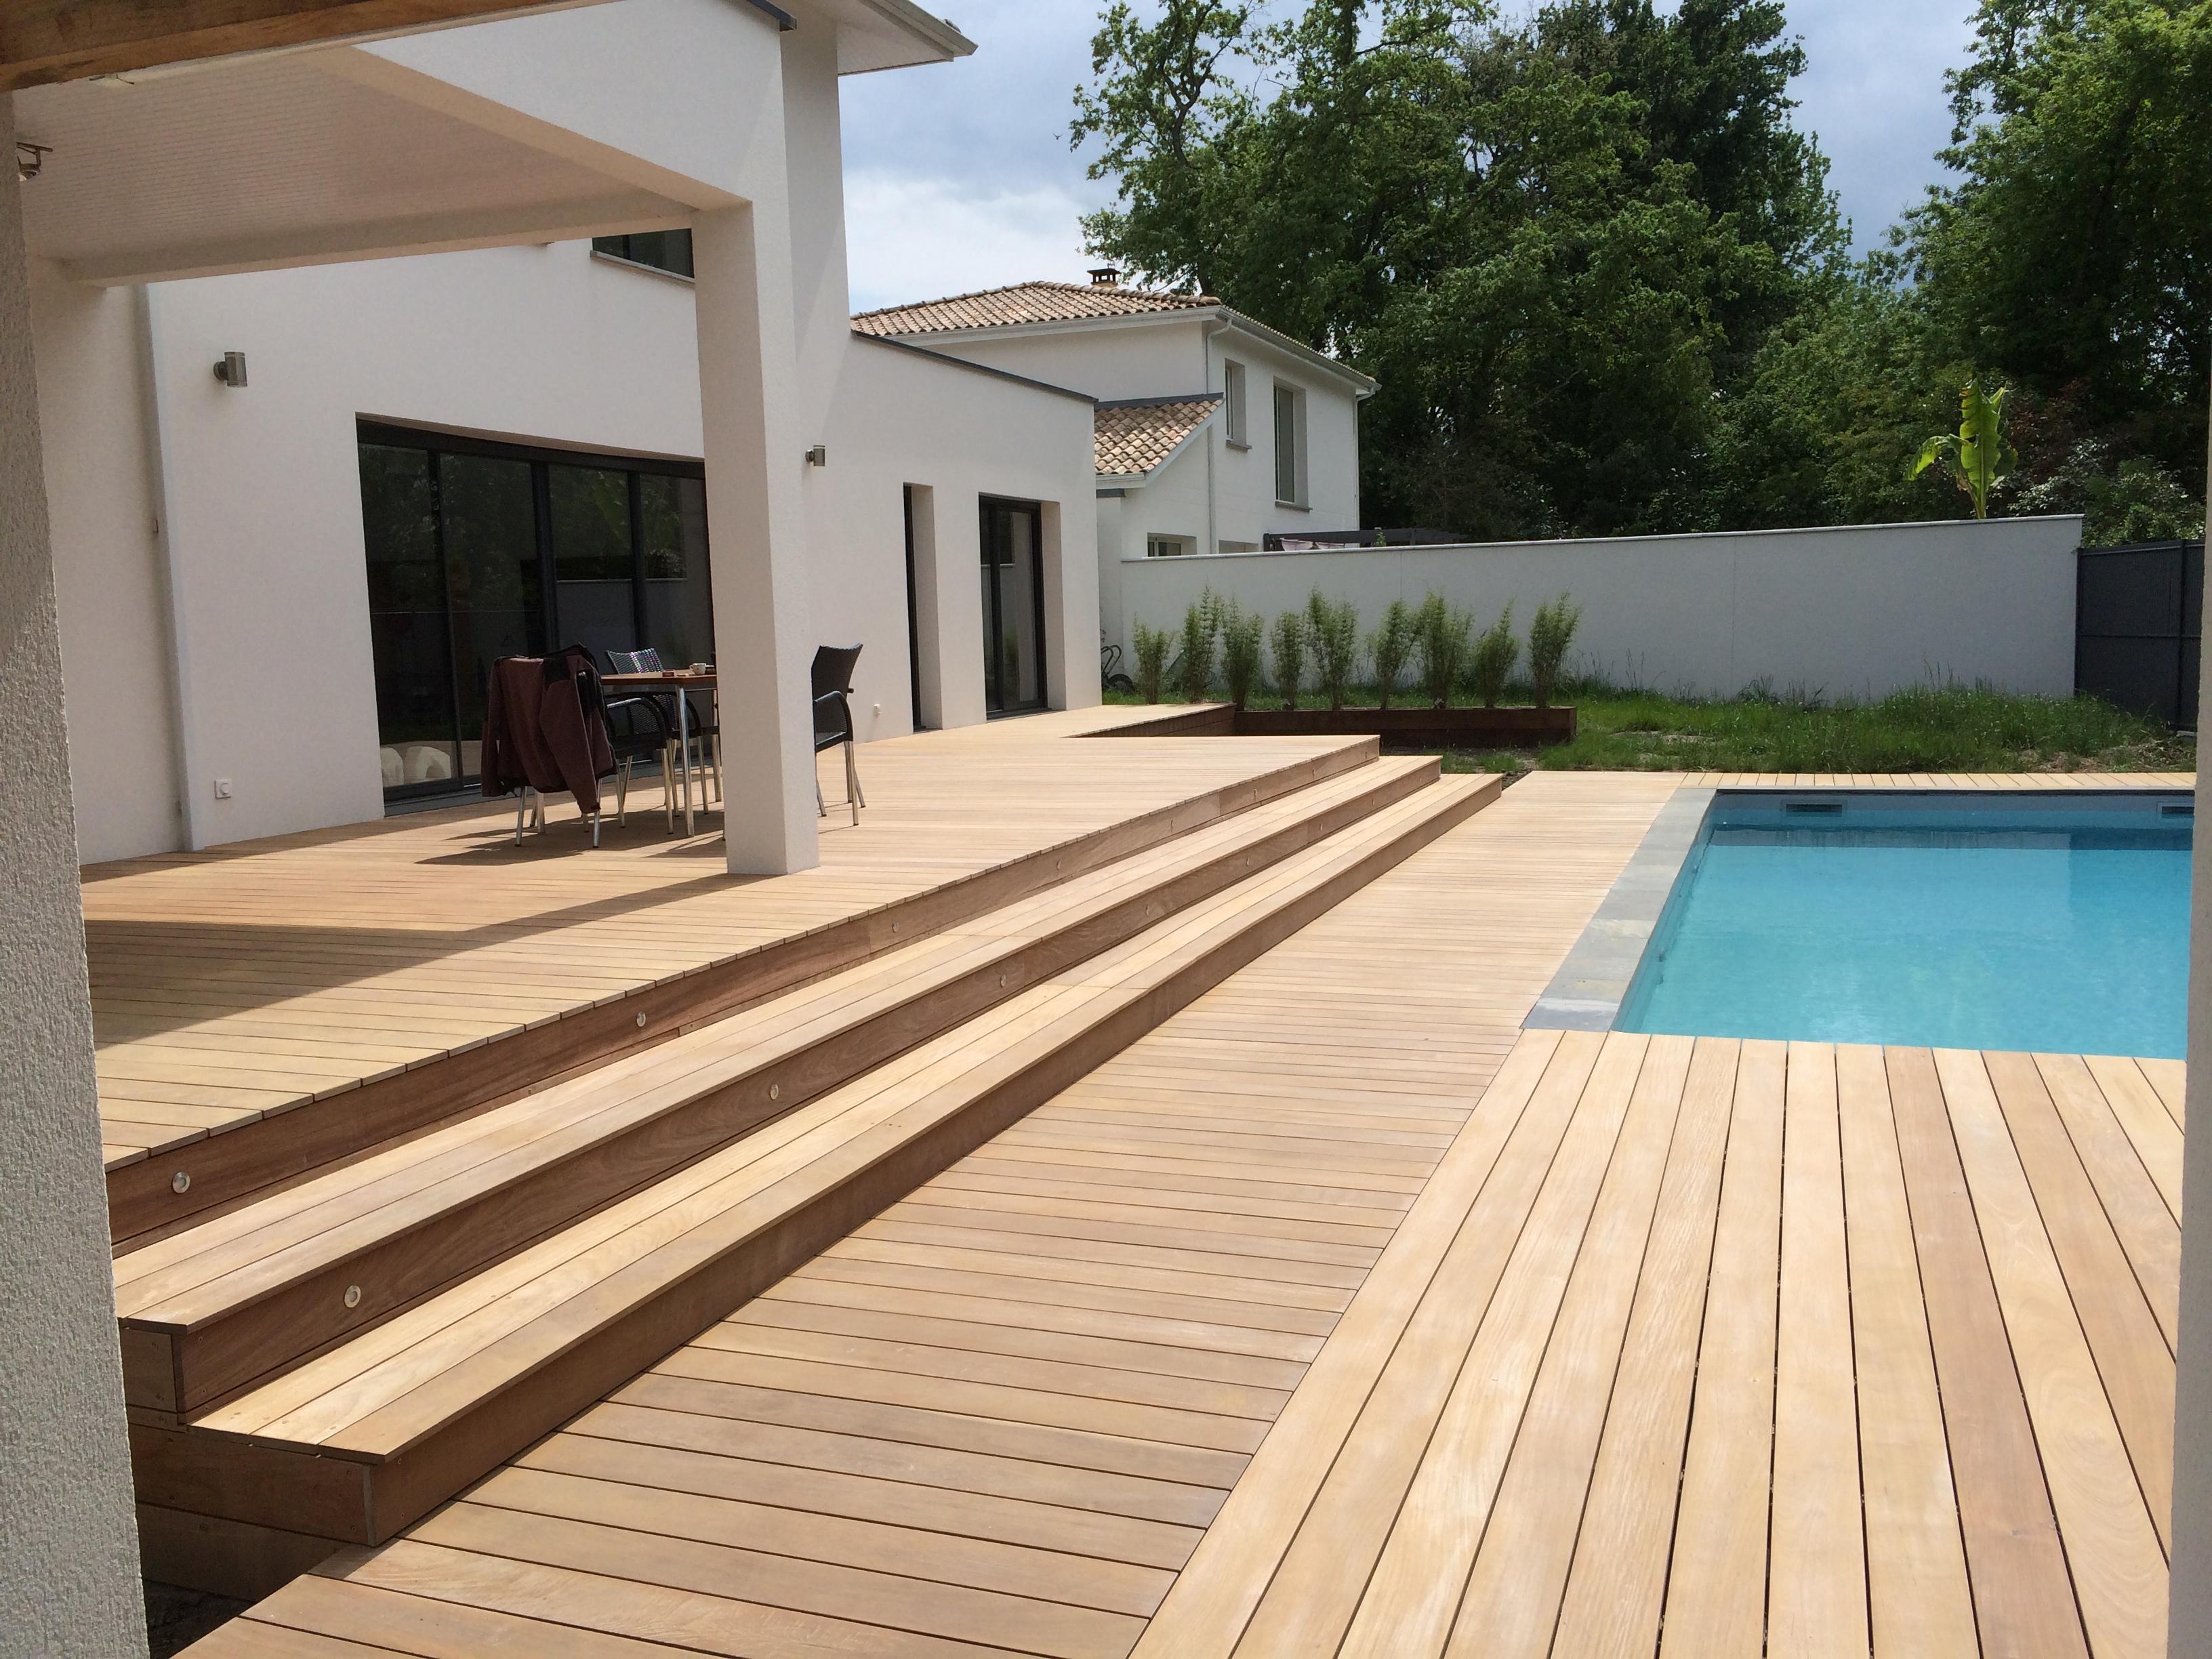 Terrasse-ipe-bordeaux-terrasse-bois-et-composite-fixations-invisibles-Taillan-Medoc